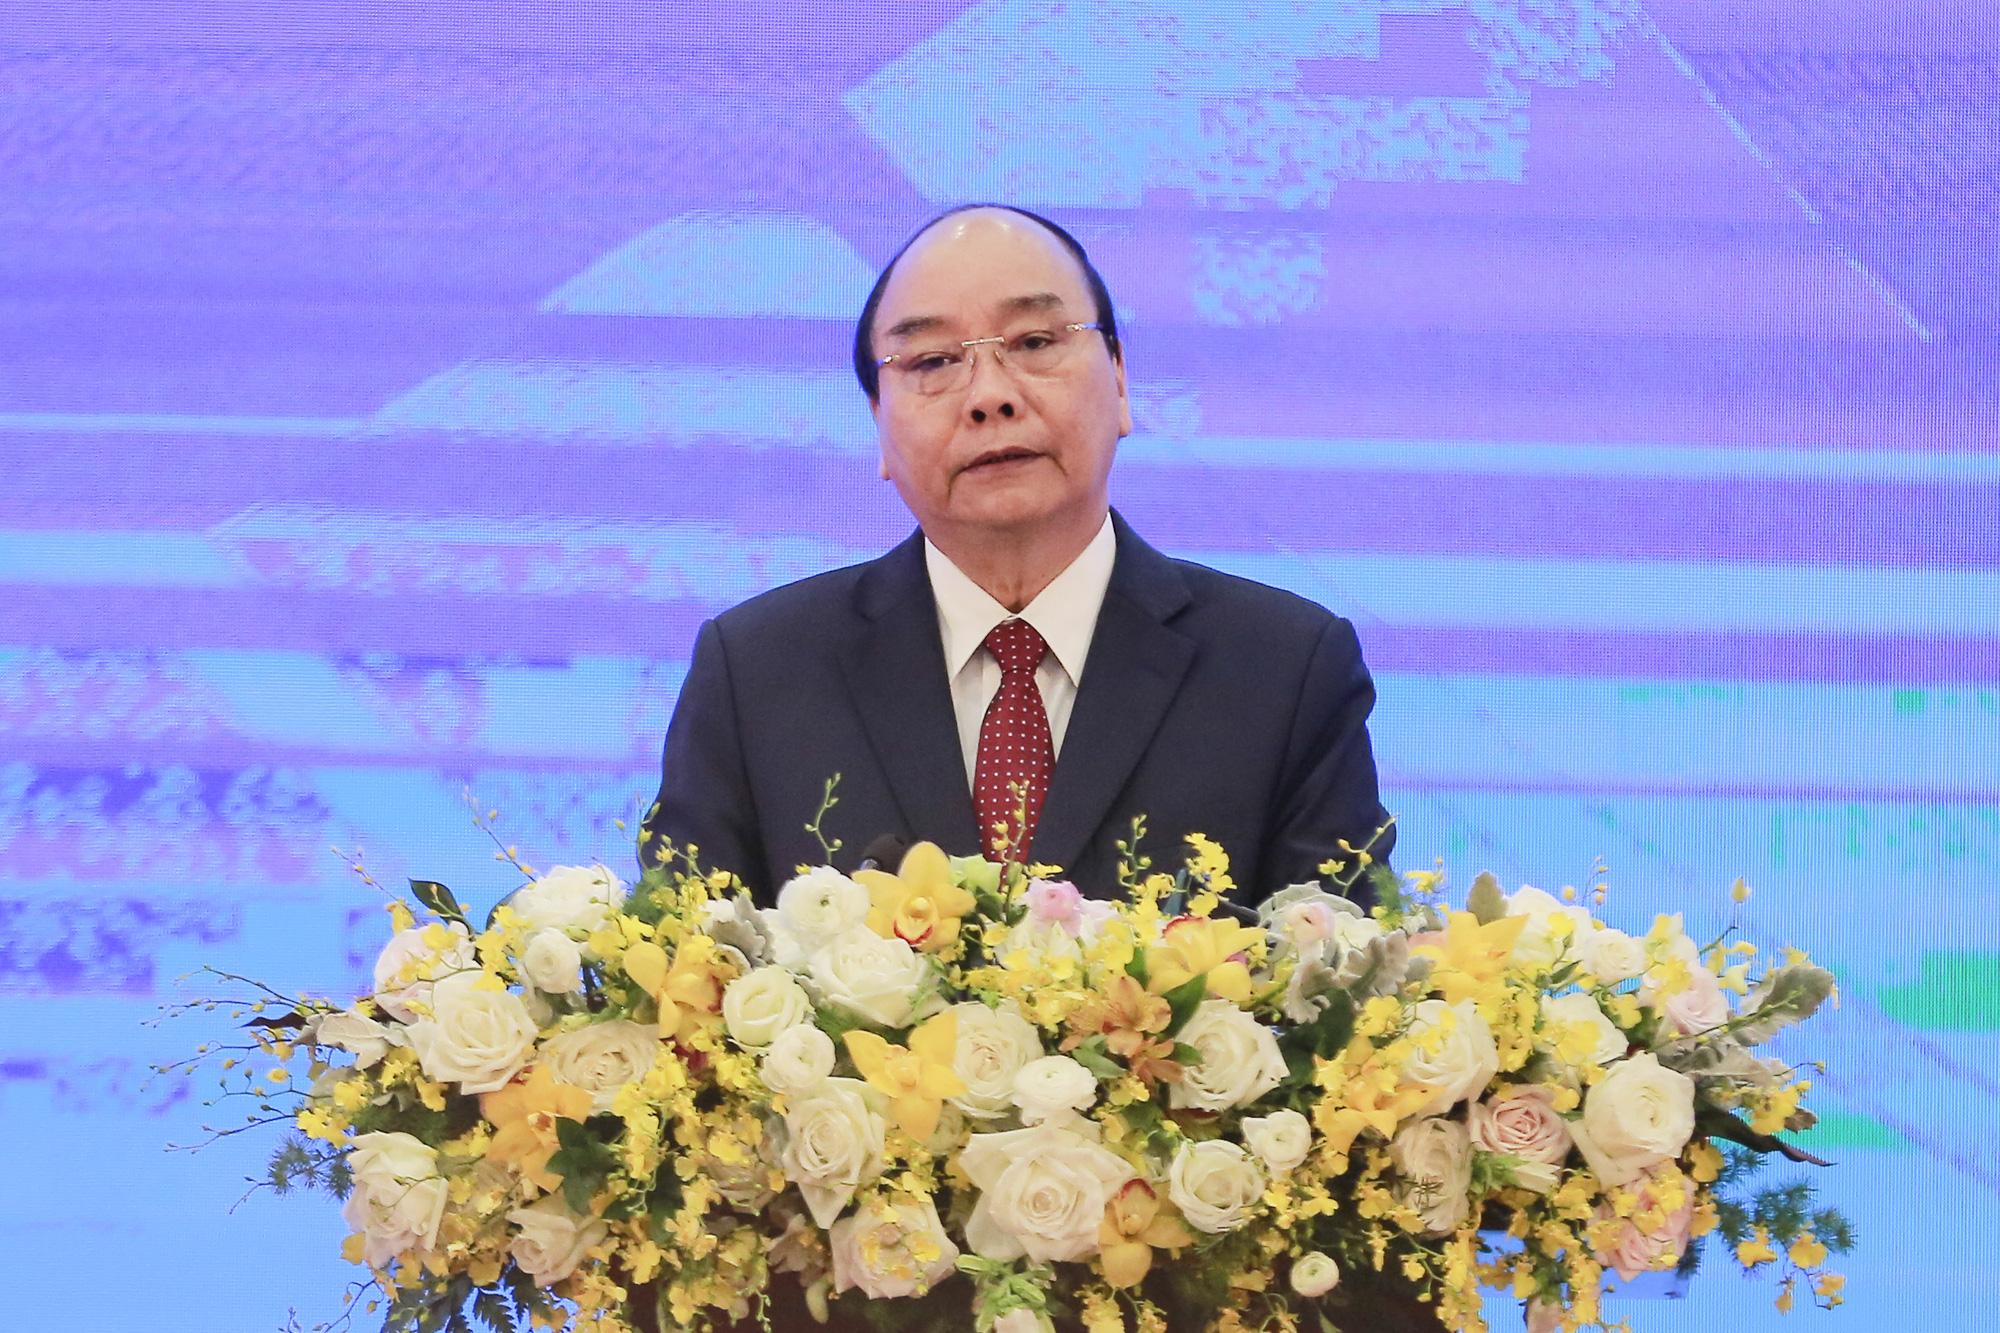 Thủ tướng: ASEAN cần bổ sung sức mạnh của chuyển đổi số, nguồn nhân lực và đa dạng hóa thị trường - Ảnh 1.